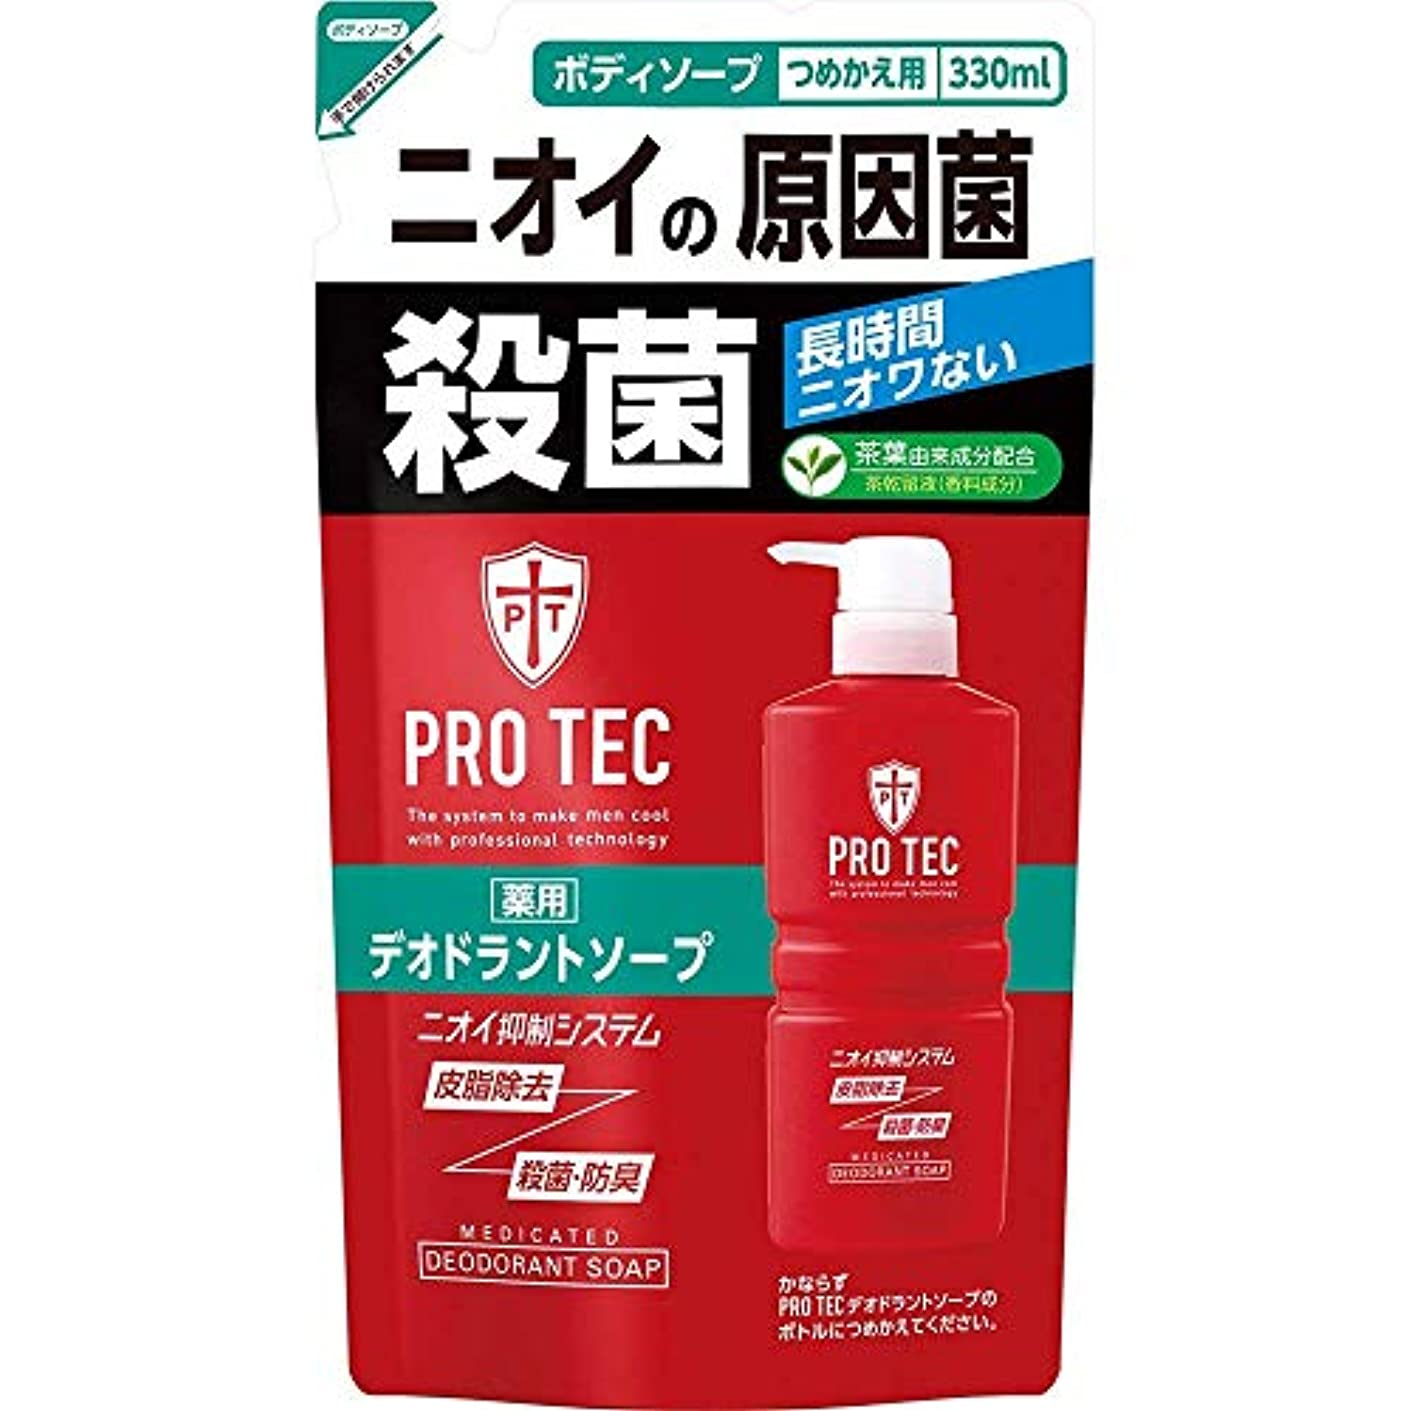 シェーバー申し立てポンペイPRO TEC デオドラントソープ つめかえ用 330ml ×2セット